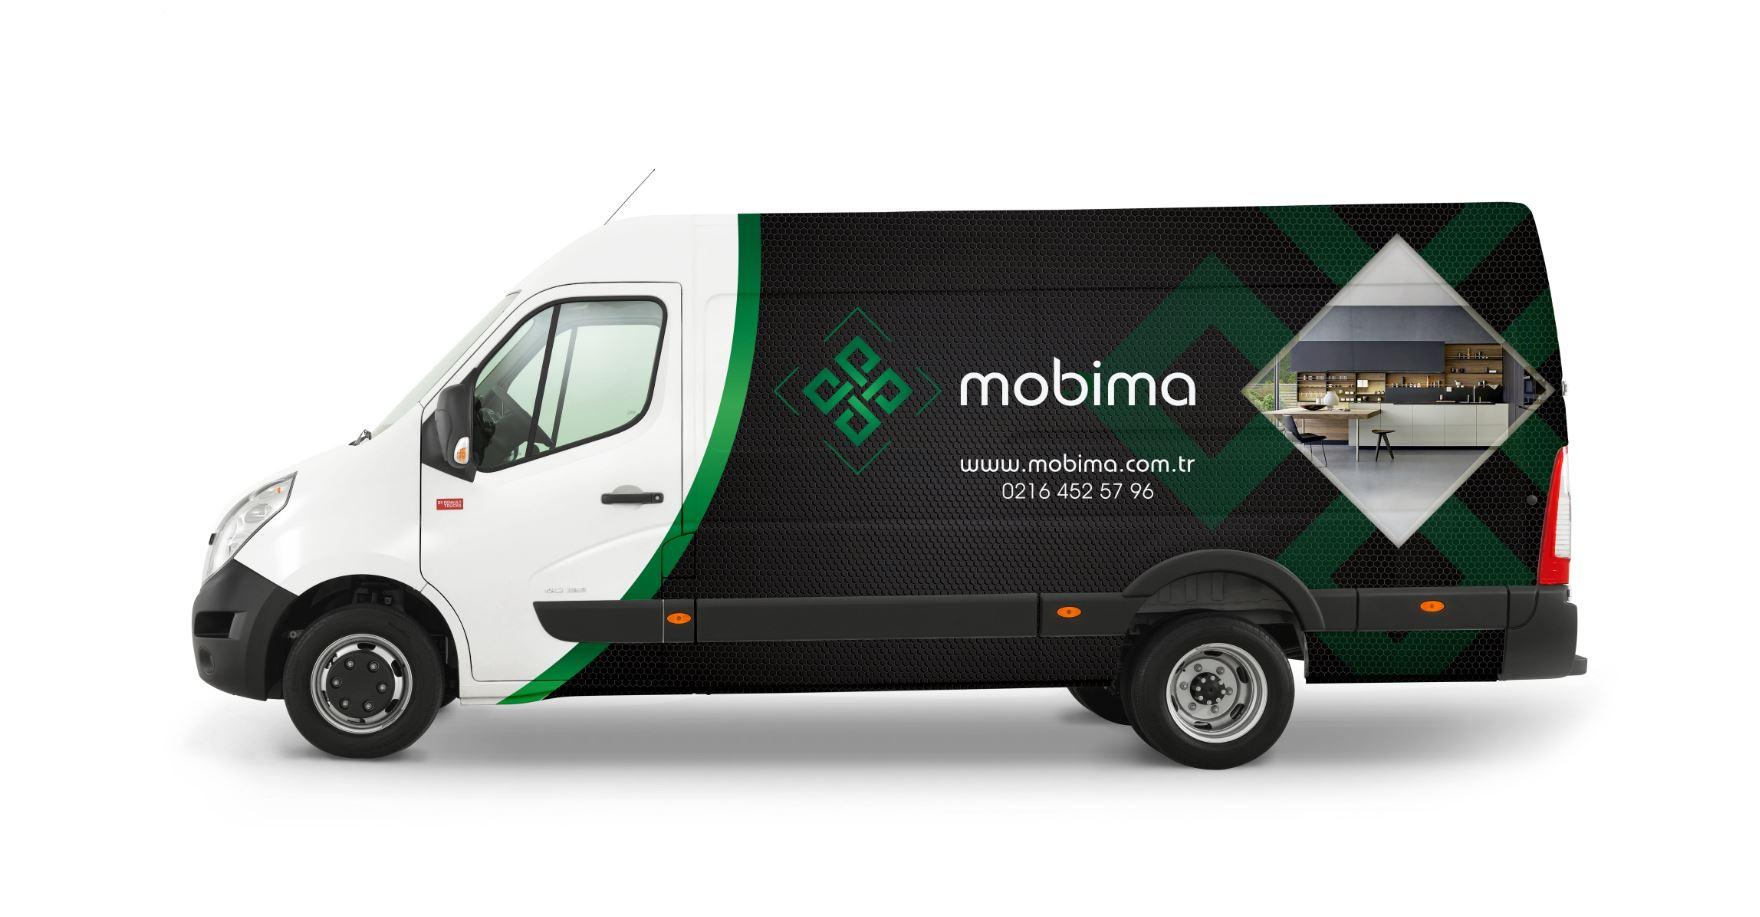 dijital baskı araç tasarım mobima mobilya araç çalışmaları